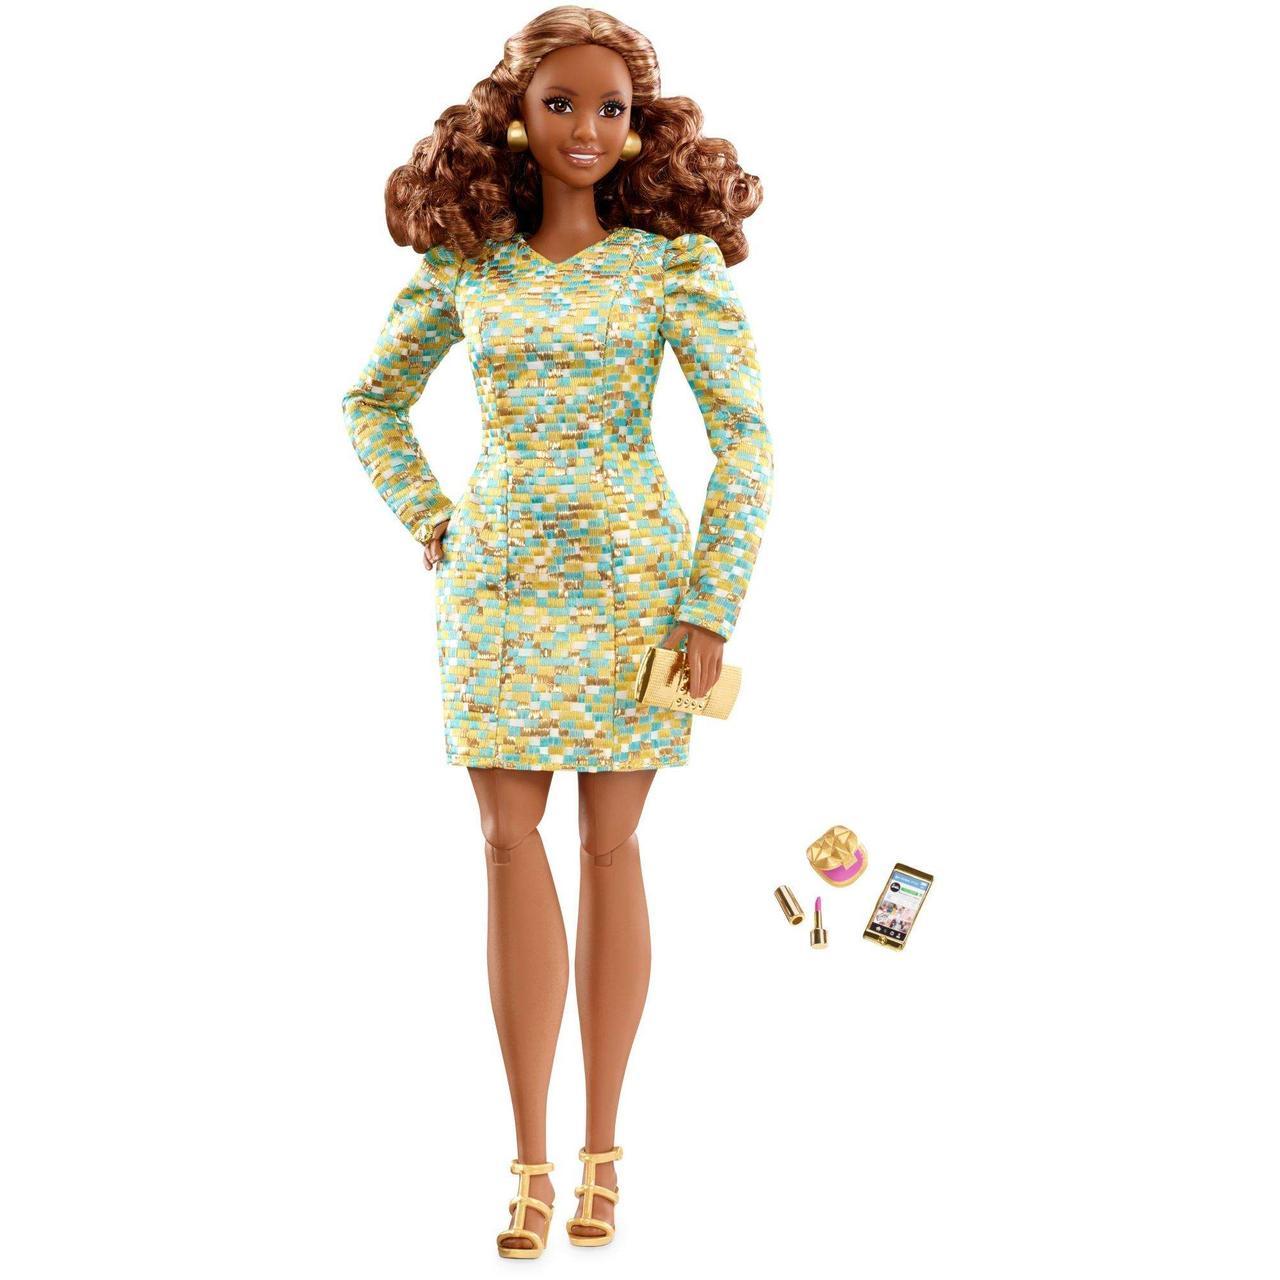 Барби Высокая мода DYX64